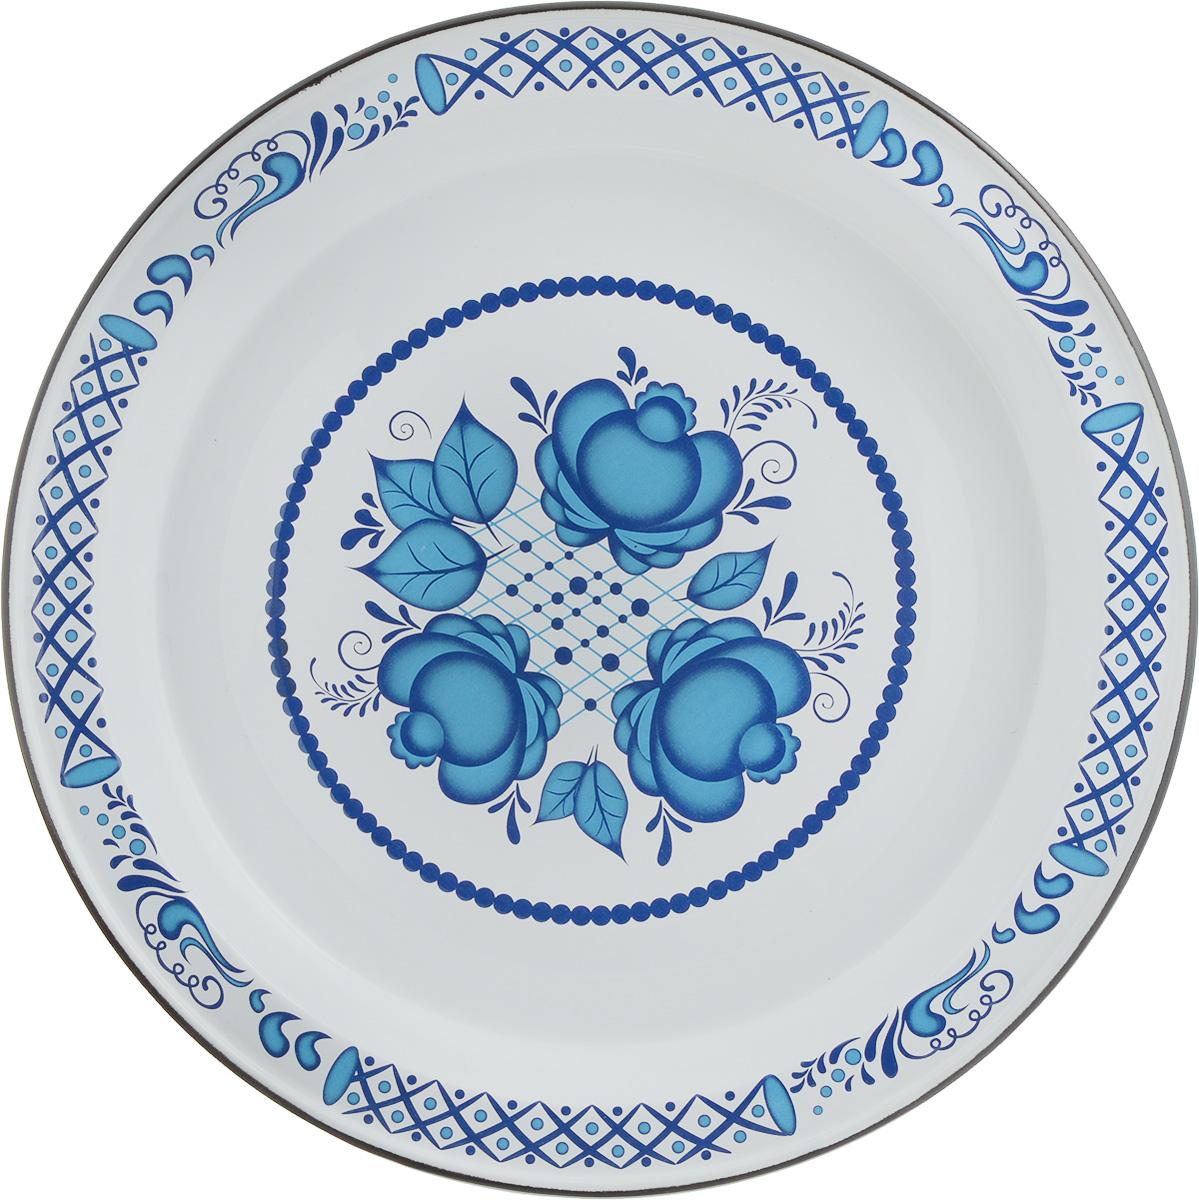 Блюдо Эмаль, диаметр 36 см01-0810 А/7,А1/7Блюдо Эмаль выполнено из стали с эмалевым покрытием. Такое покрытие защищает сталь от коррозии, придает посуде гладкую стекловидную поверхность и надежно защищает от кислот и щелочей. Изделие декорировано синим цветочным узором. Отлично подойдет для подачи ягод, фруктов и овощей. Яркое блюдо послужит не только удобной посудой, но и оригинальным элементом кухонного интерьера.